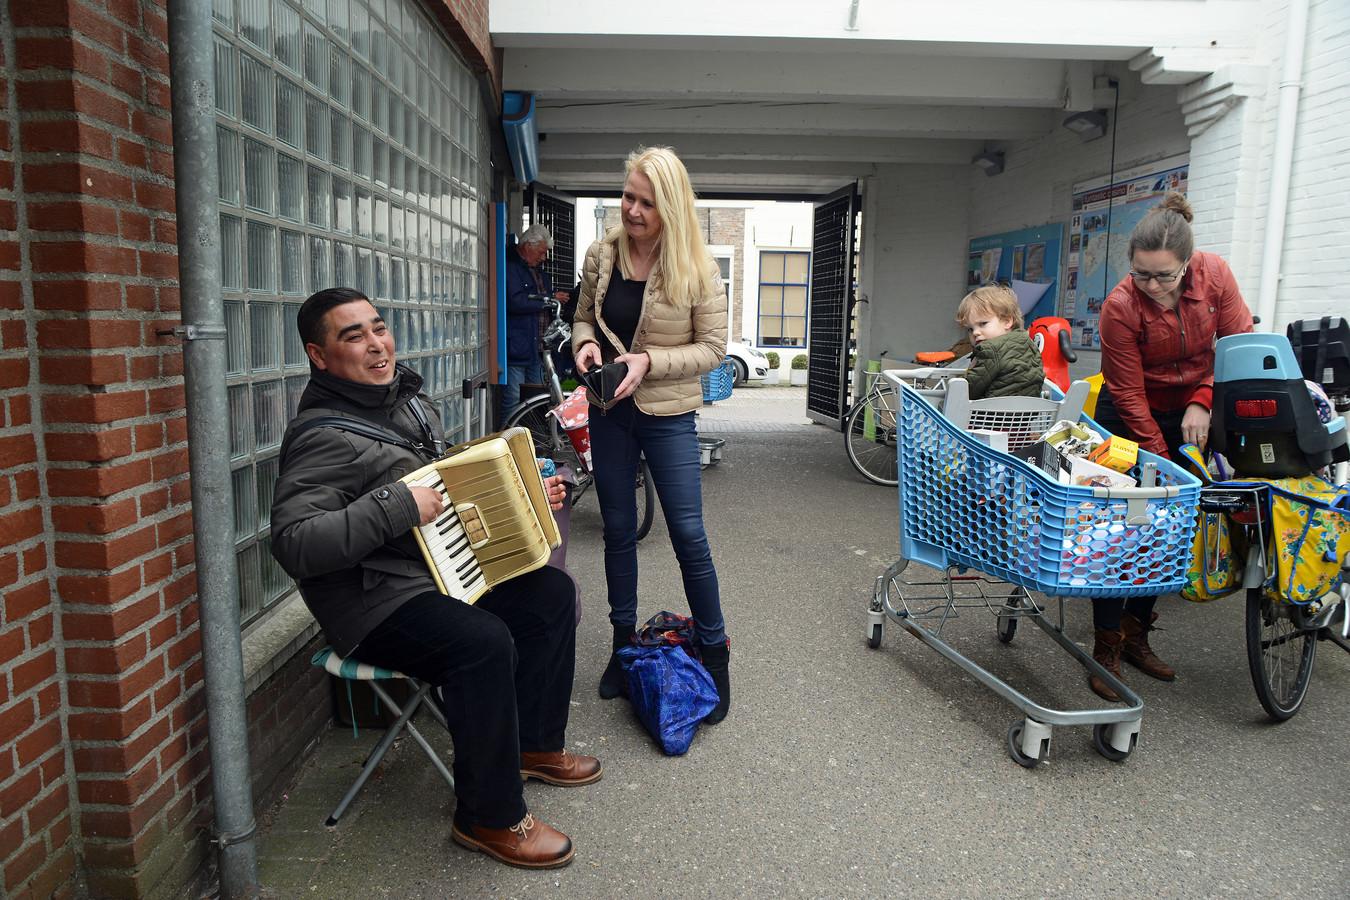 Marin Vasilev is al 16 jaar een vertrouwd gezicht in de passage bij de AH-supermarkt in Zierikzee. Irene Gijlstra beloont zijn spel op de geleende accordeon met een euro in zijn mandje.